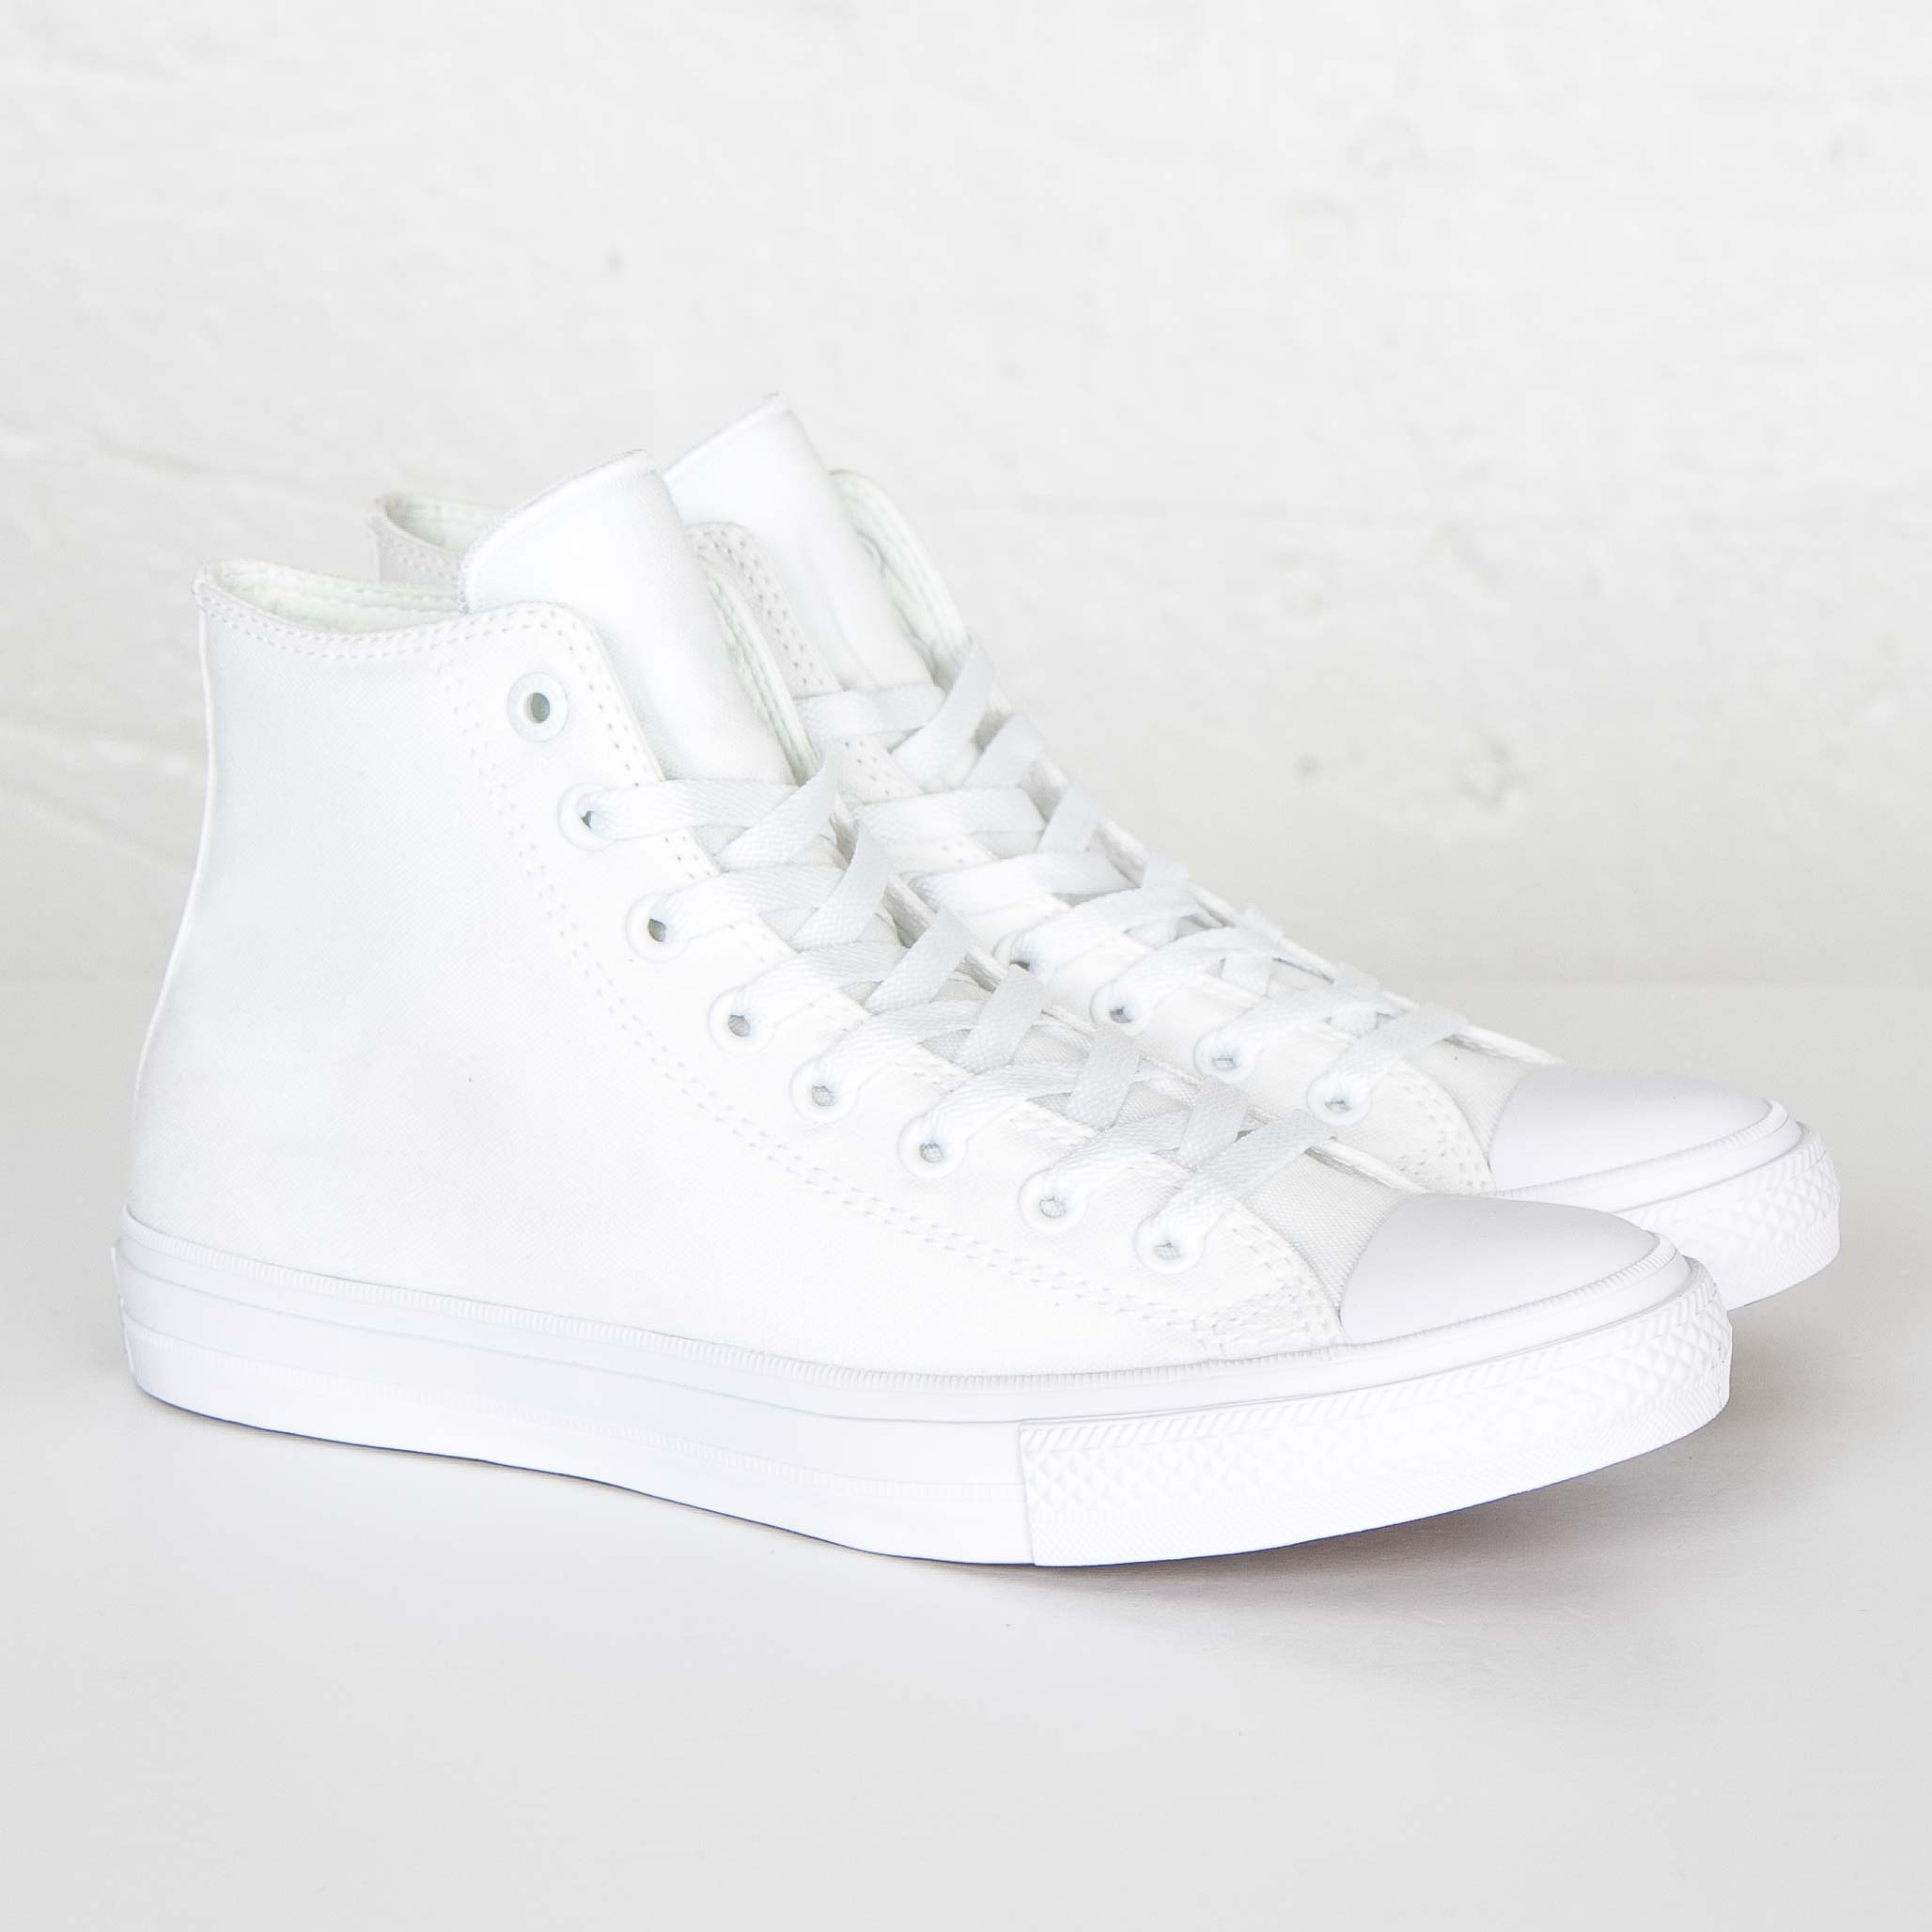 19a9a247313438 Converse Chuck Taylor II Hi - 150148c - Sneakersnstuff